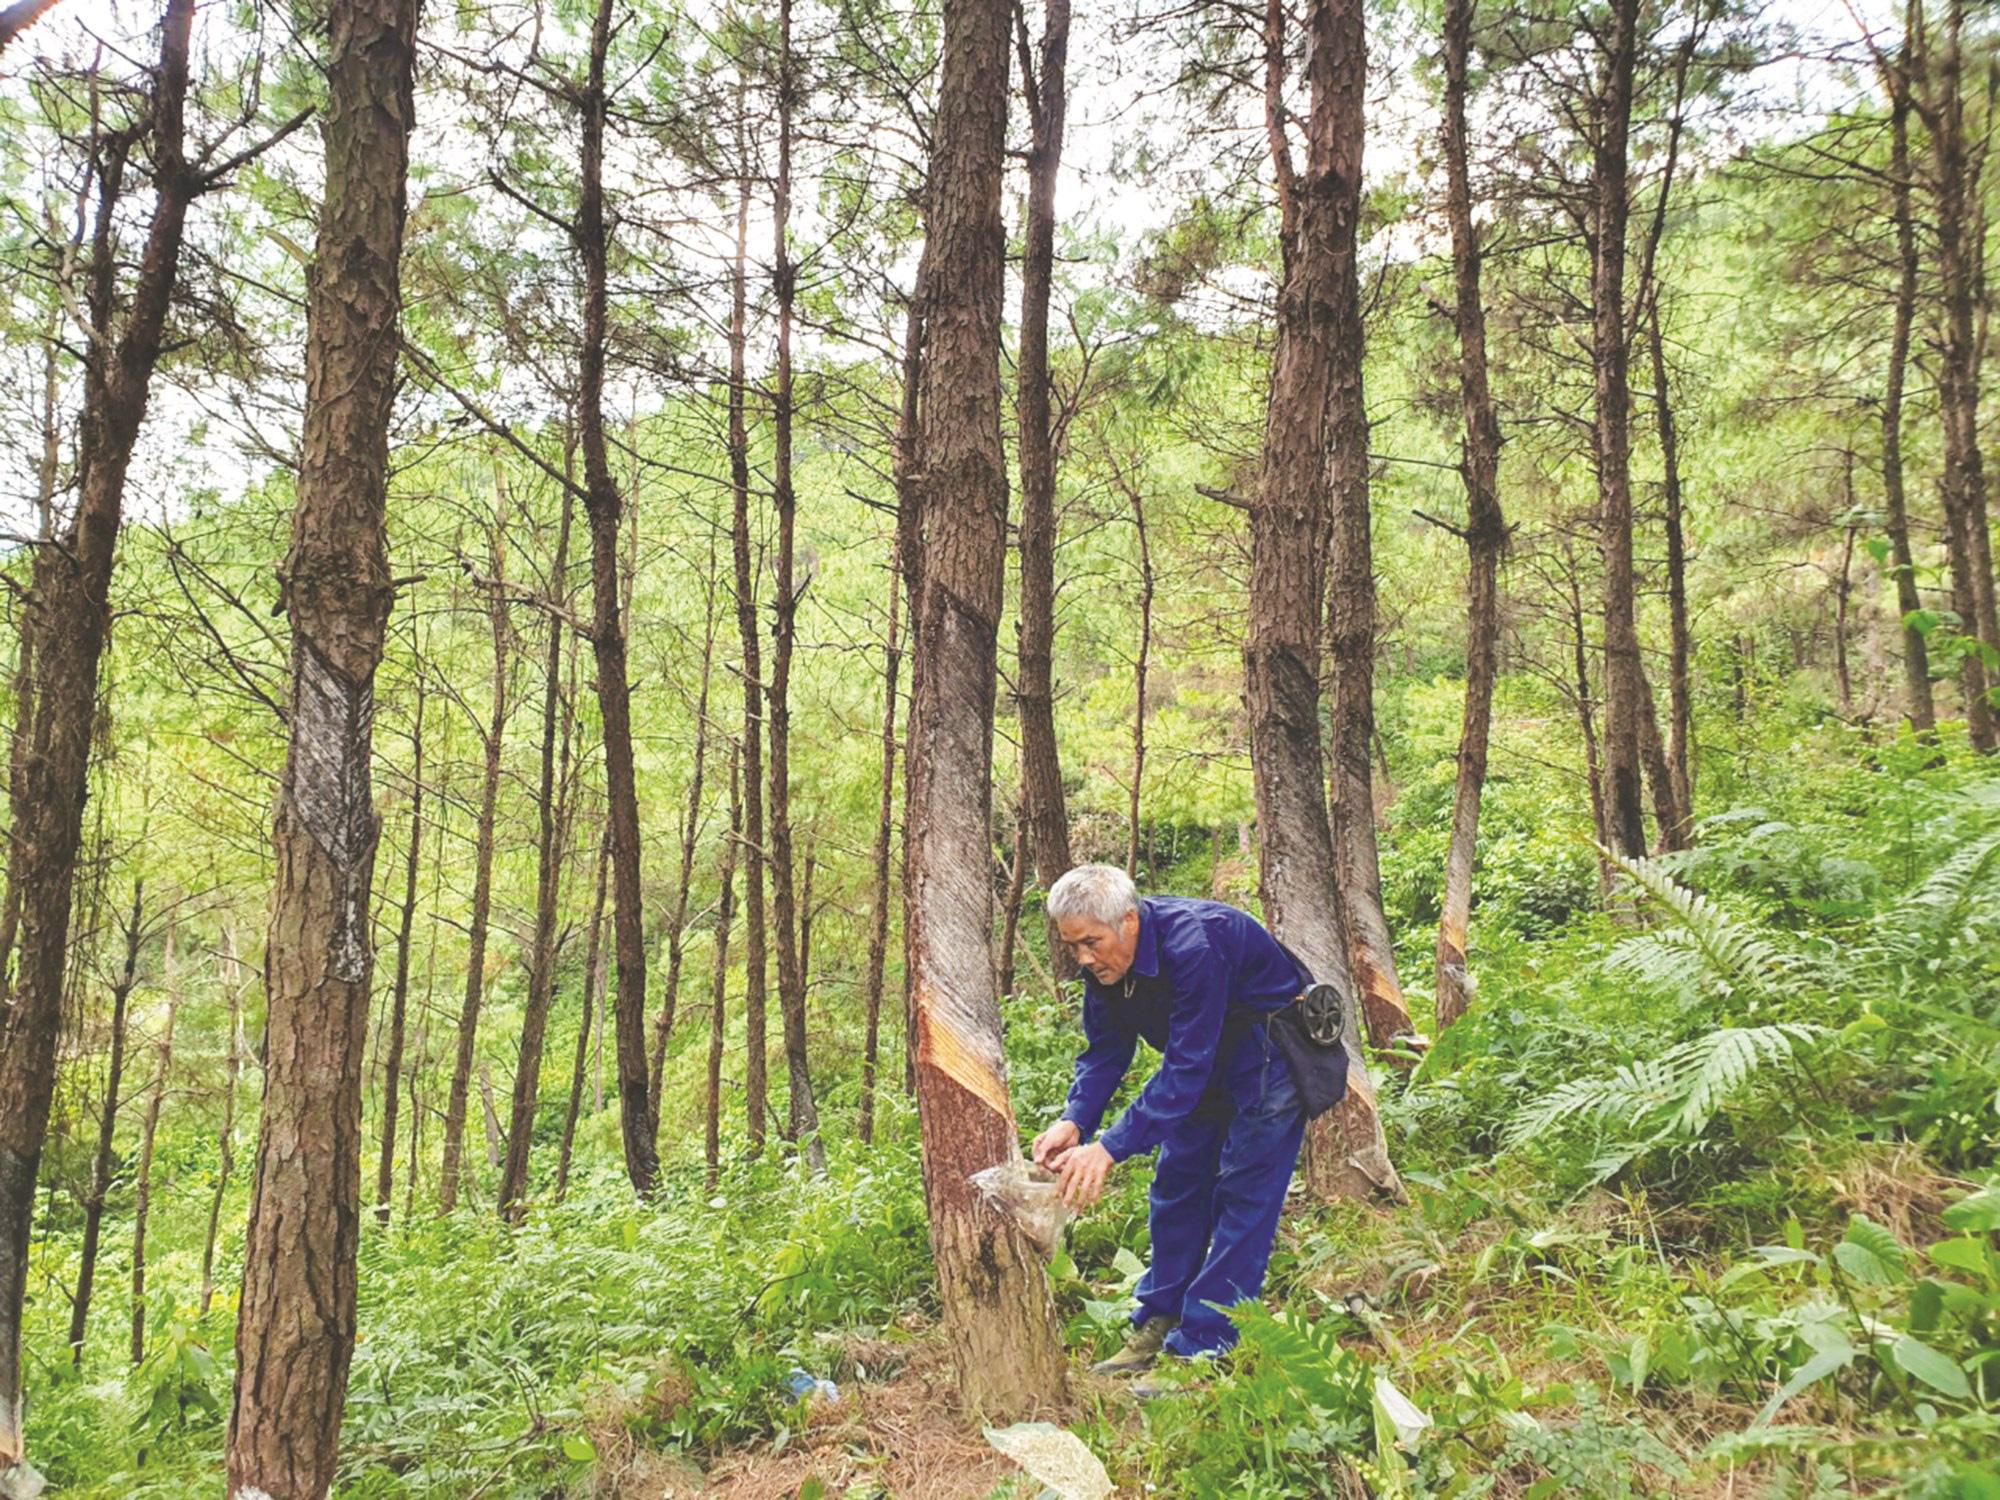 Trồng 1 tỷ cây xanh trong 5 năm, chỉ cần mỗi năm 1 người trồng 2 cây sẽ đủ - Ảnh 2.